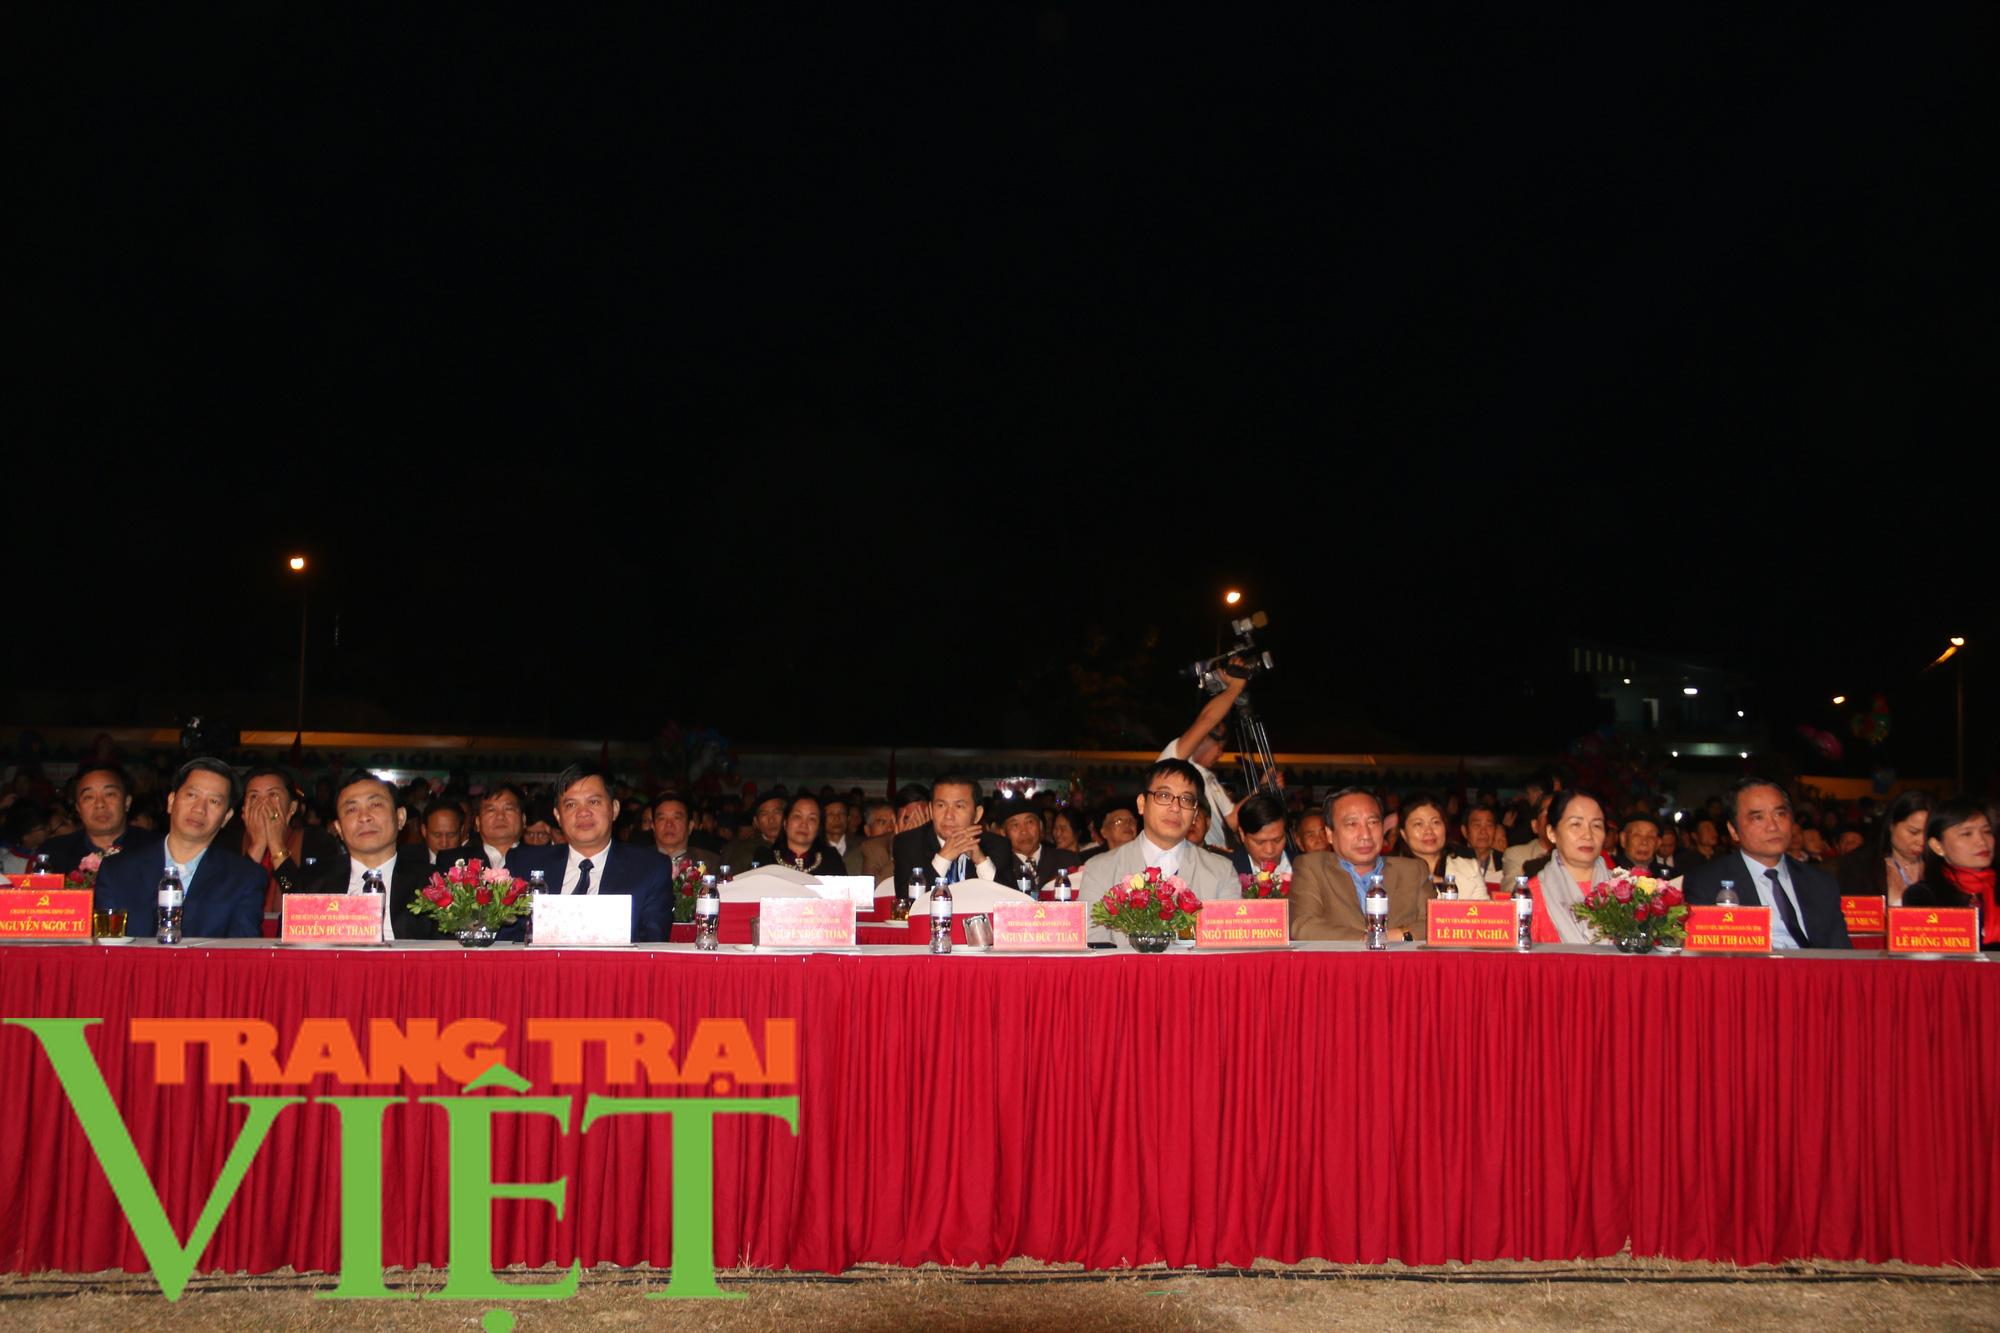 Sơn La: Kỷ niệm 70 năm thành lập Đảng bộ huyện Thuận Châu - Ảnh 4.